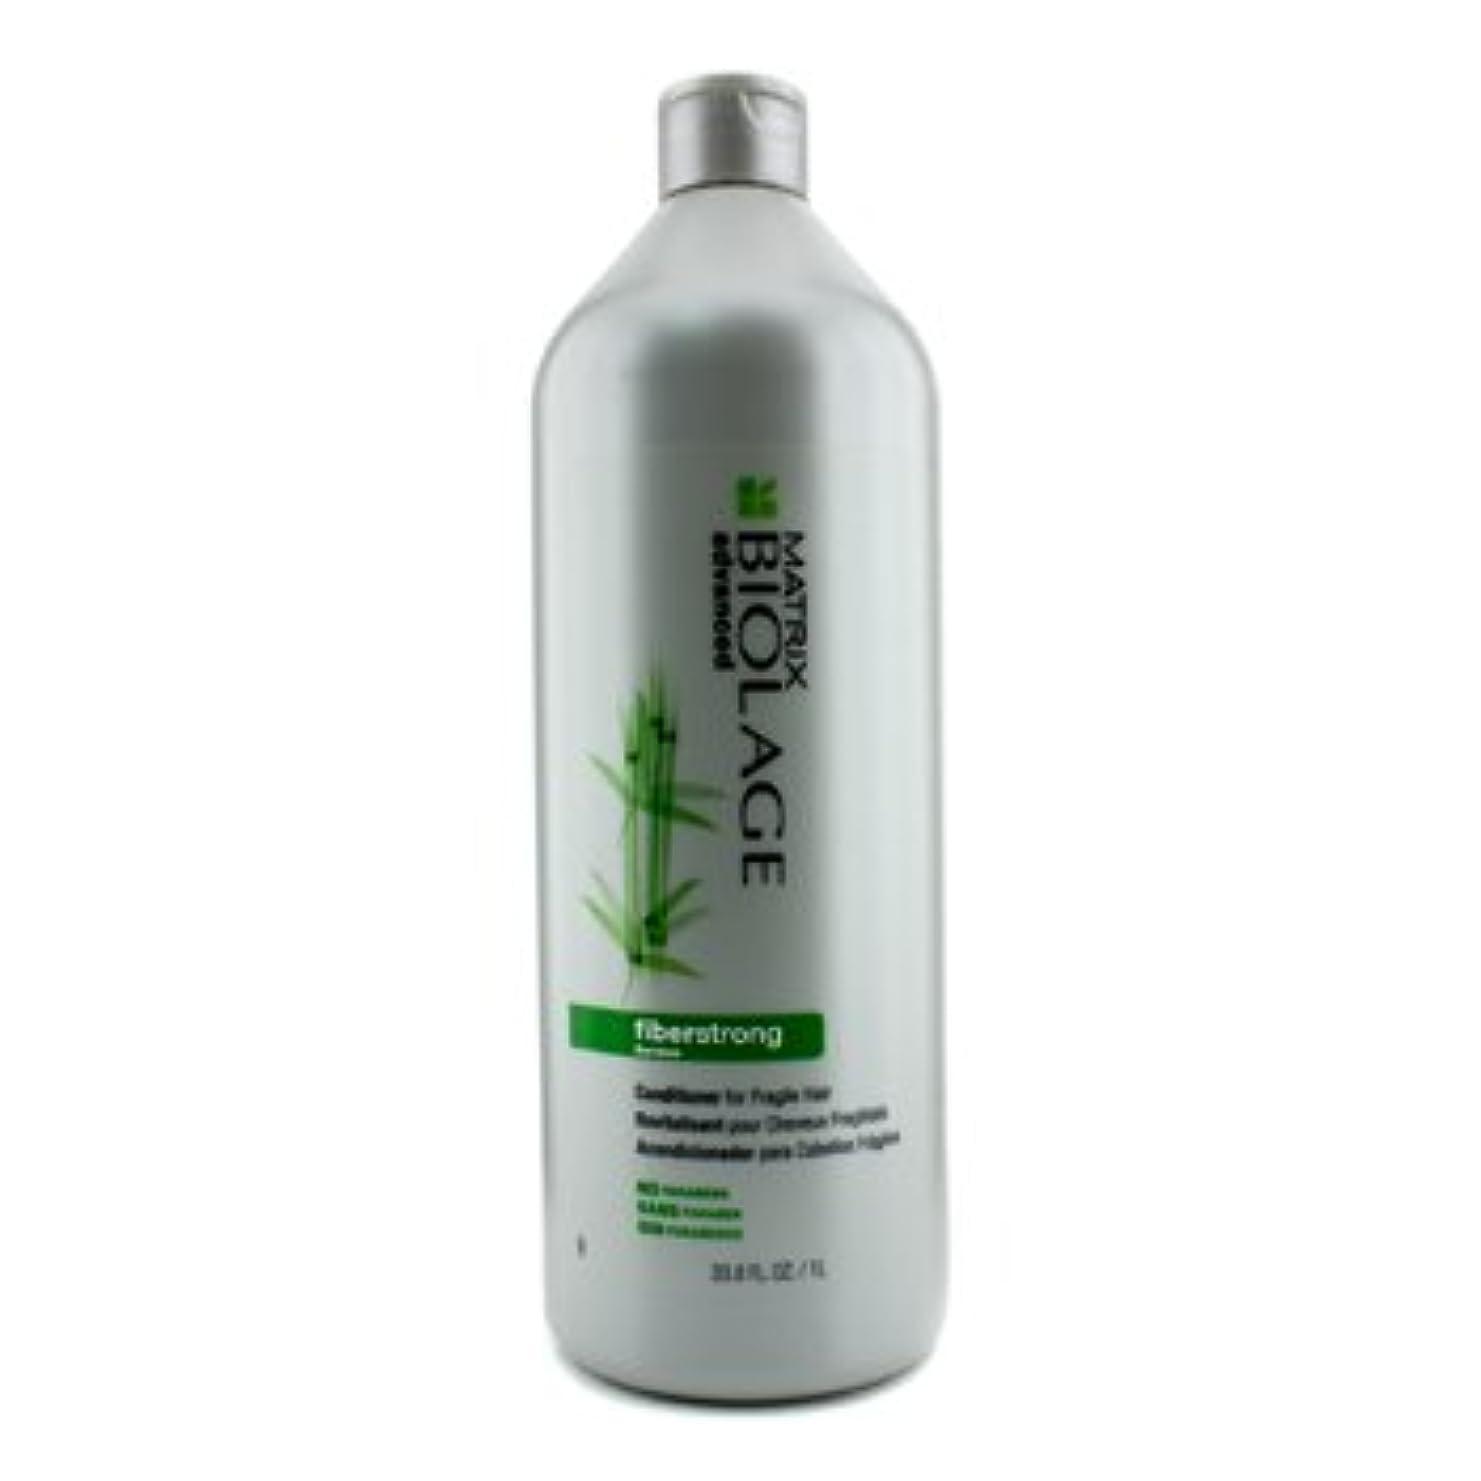 一瞬スローガンデジタル[Matrix] Biolage Advanced FiberStrong Conditioner (For Fragile Hair) 1000ml/33.8oz